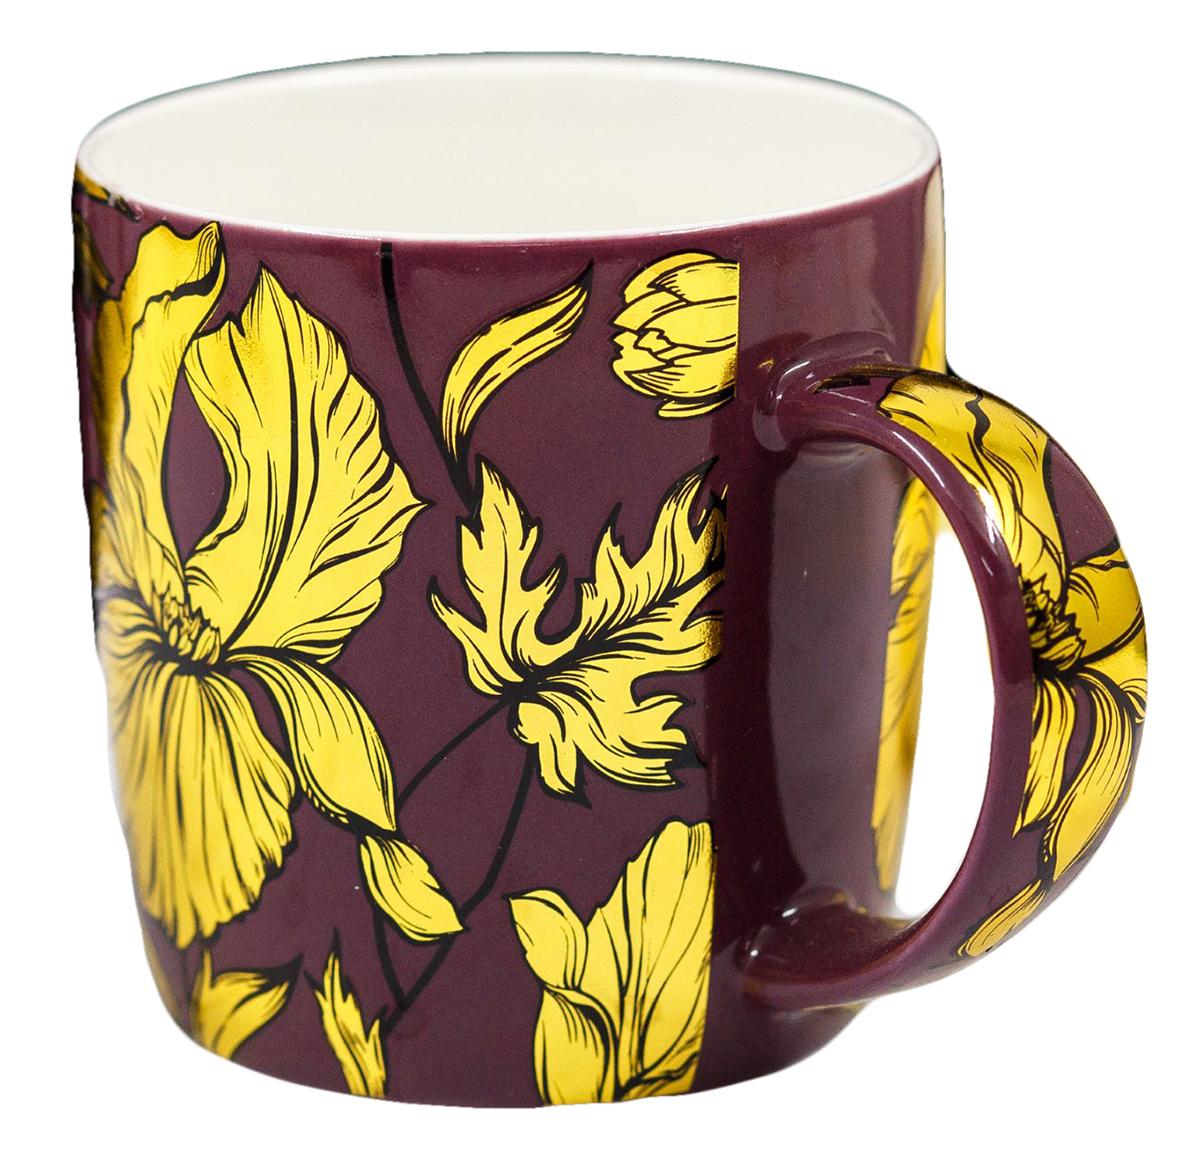 Кружка Цветы, цвет: фиолетовый, 350 мл1996467Яркая кружка сделает чаепитие по-настоящему приятным. Она с любовью создана нашими дизайнерами специально для ценителей этого напитка. Интересный дизайн и благородные цвета будут радовать её обладателя долгие годы. Радуйте себя каждый день, ведь жизнь состоит из таких приятных мелочей! Внимание: не помещать в микроволновую печь и посудомоечную машину.